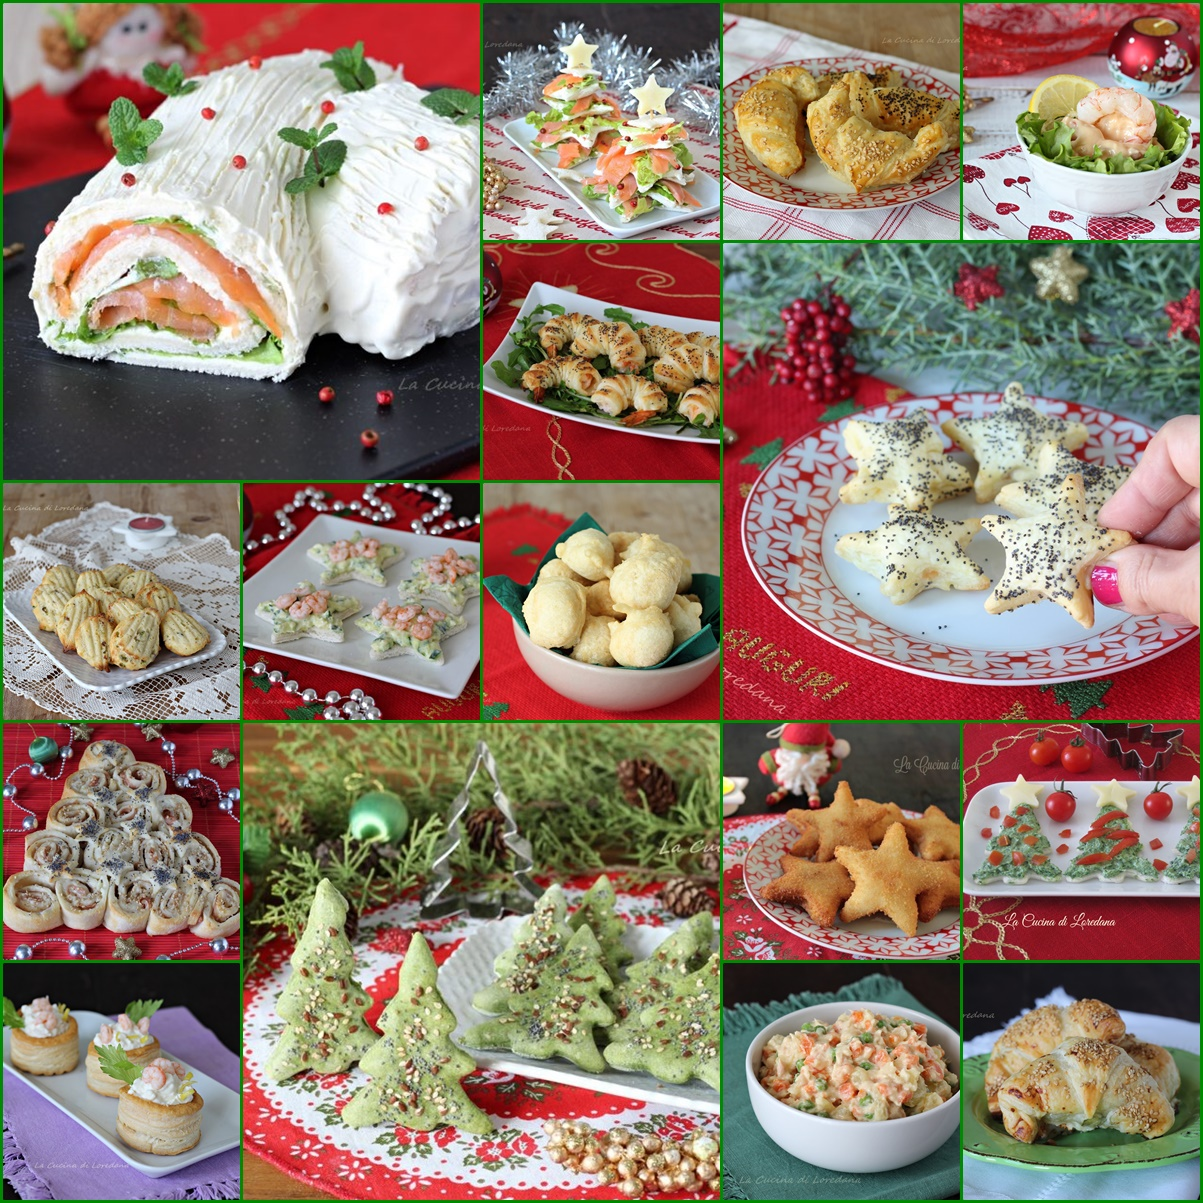 Antipasti Di Natale Giallo Zafferano.Antipasti Di Natale Tante Semplici E Sfiziose Ricette